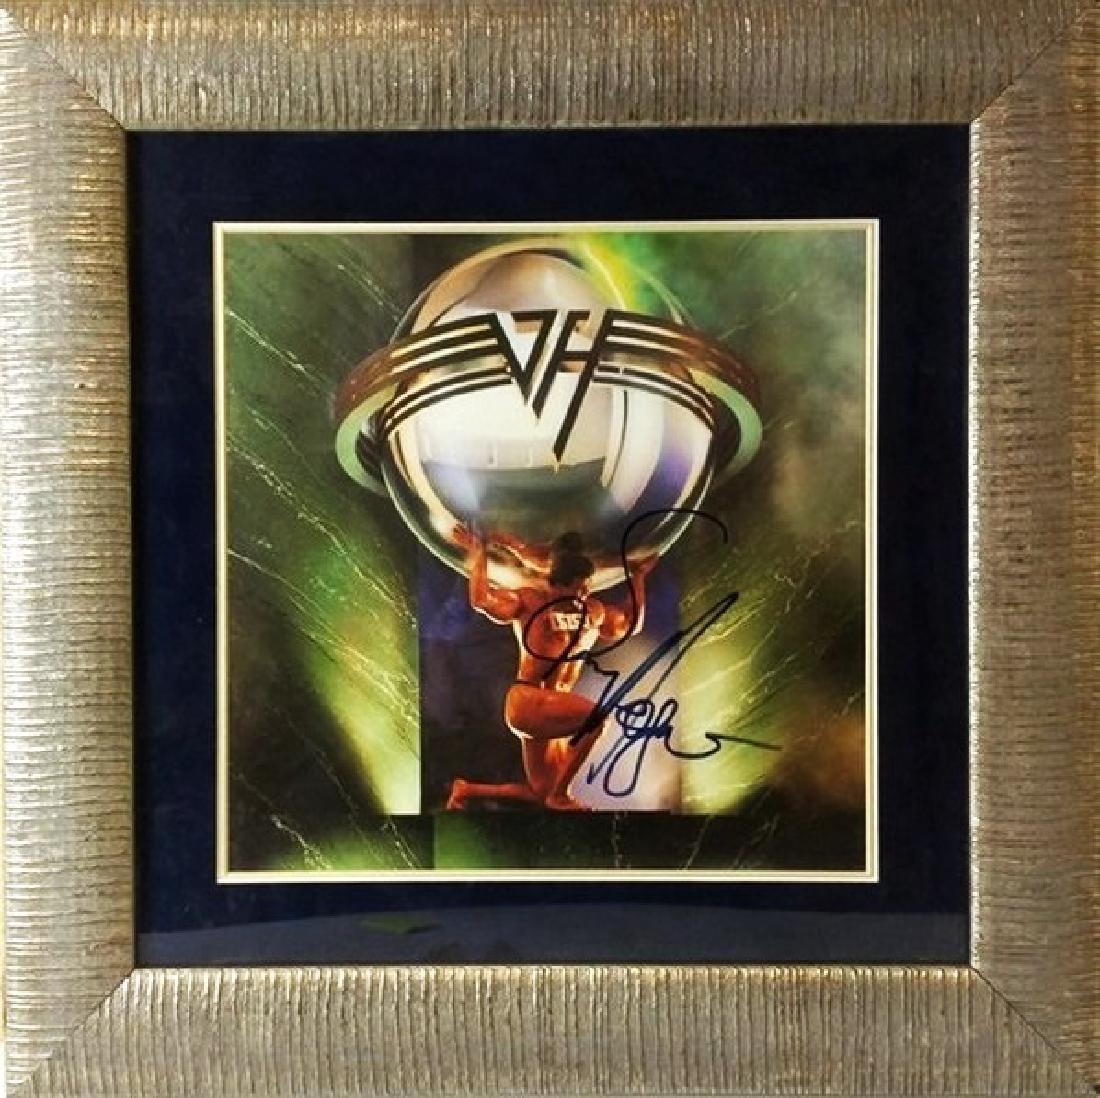 Van Halen  - Signed 5150 Album Cover Photo